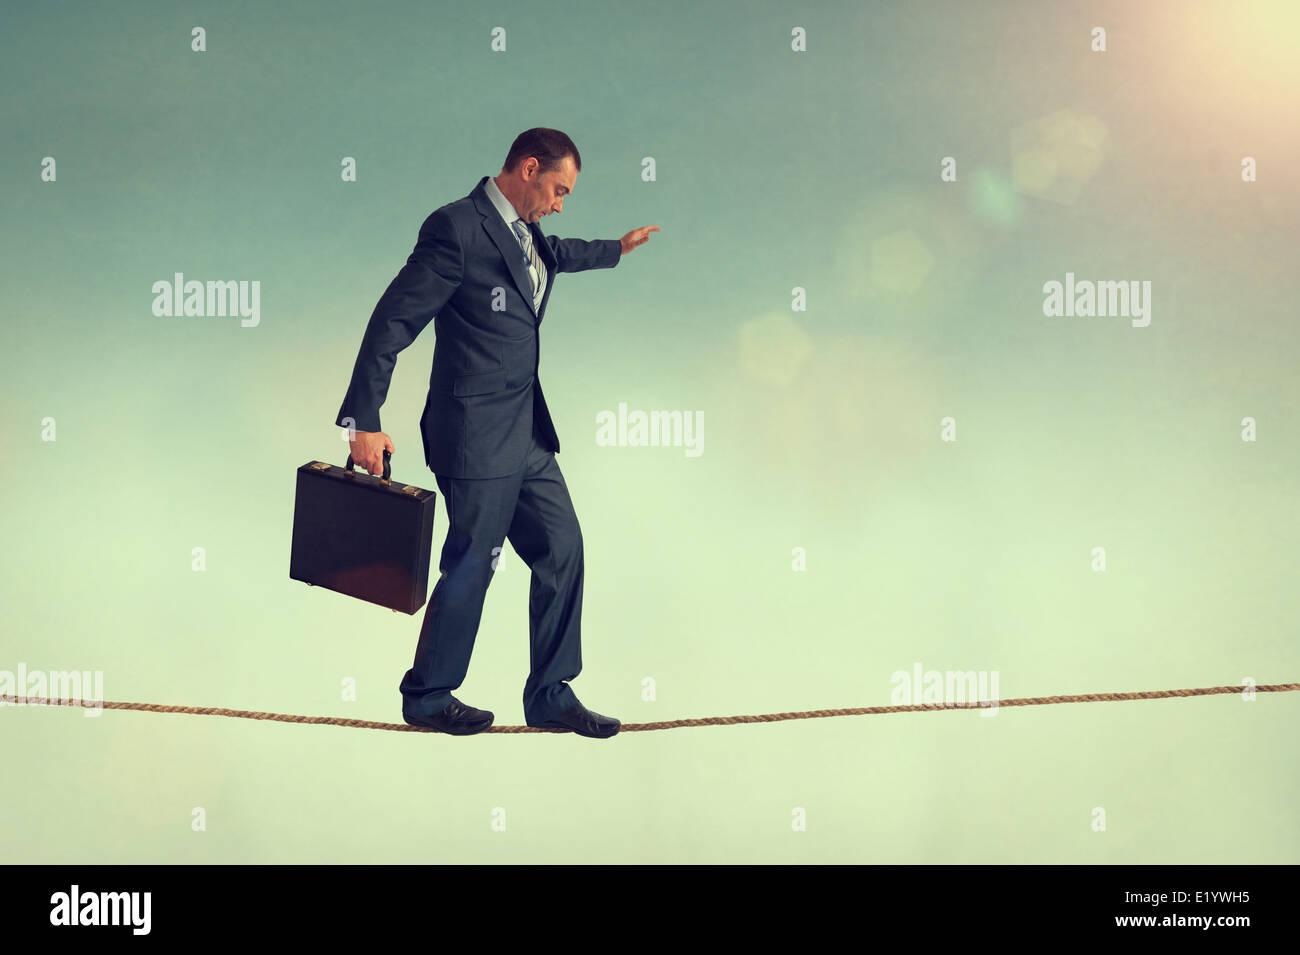 mutige Unternehmer balancieren auf einem Drahtseil oder highwire Stockbild